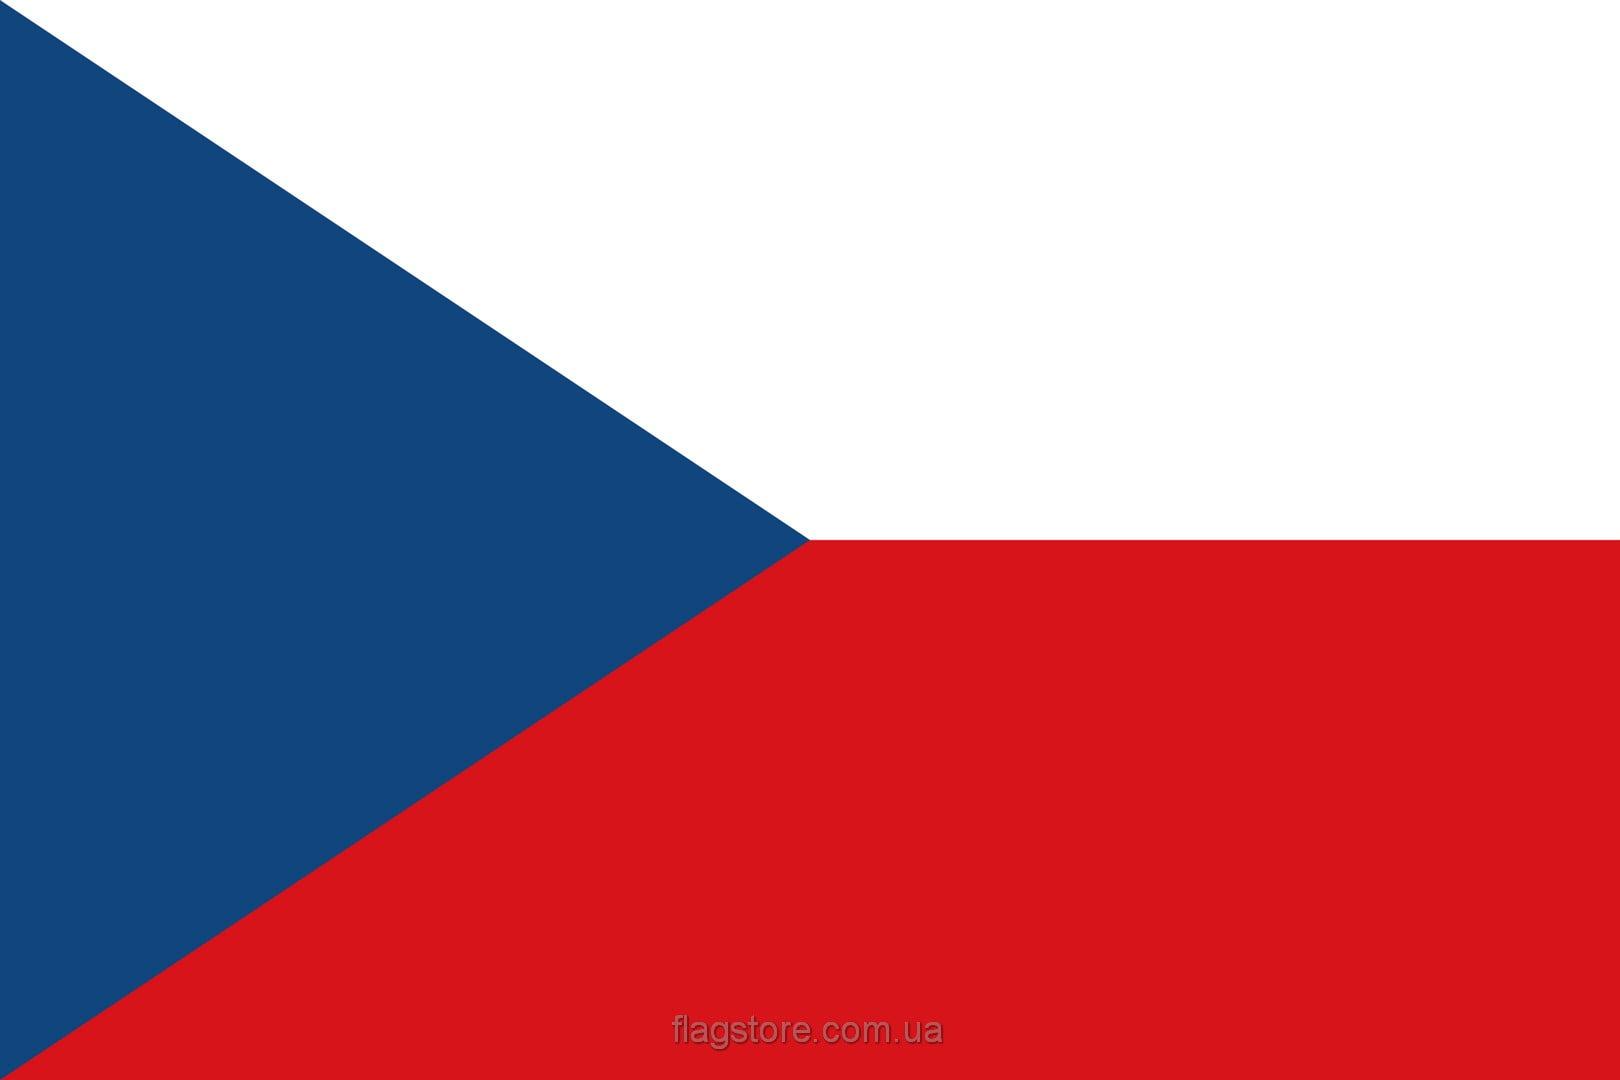 Купить флаг Чехии (страны Чехия)